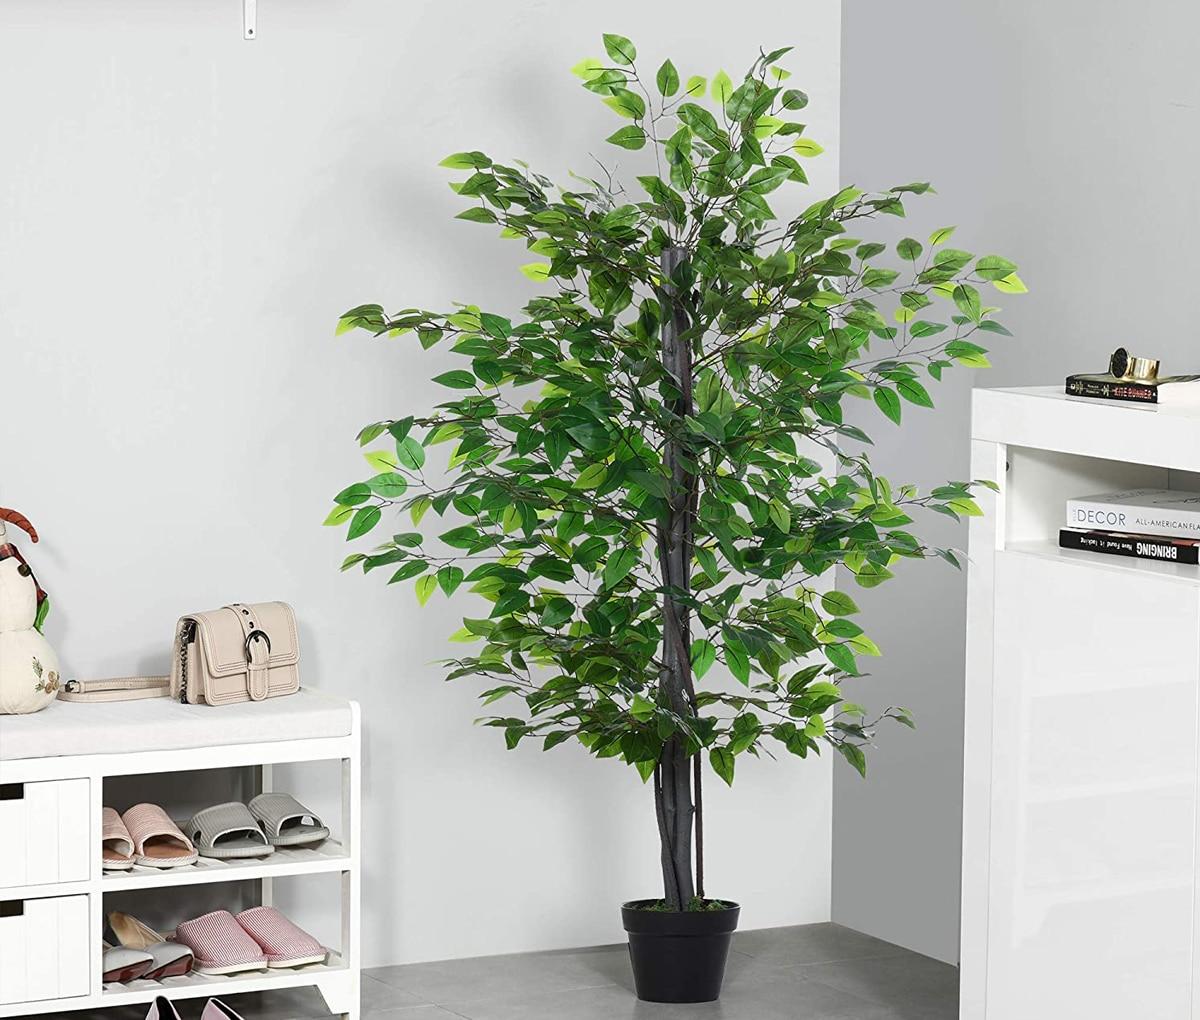 Las plantas artificiales grandes son una buena opción para decorar el hogar